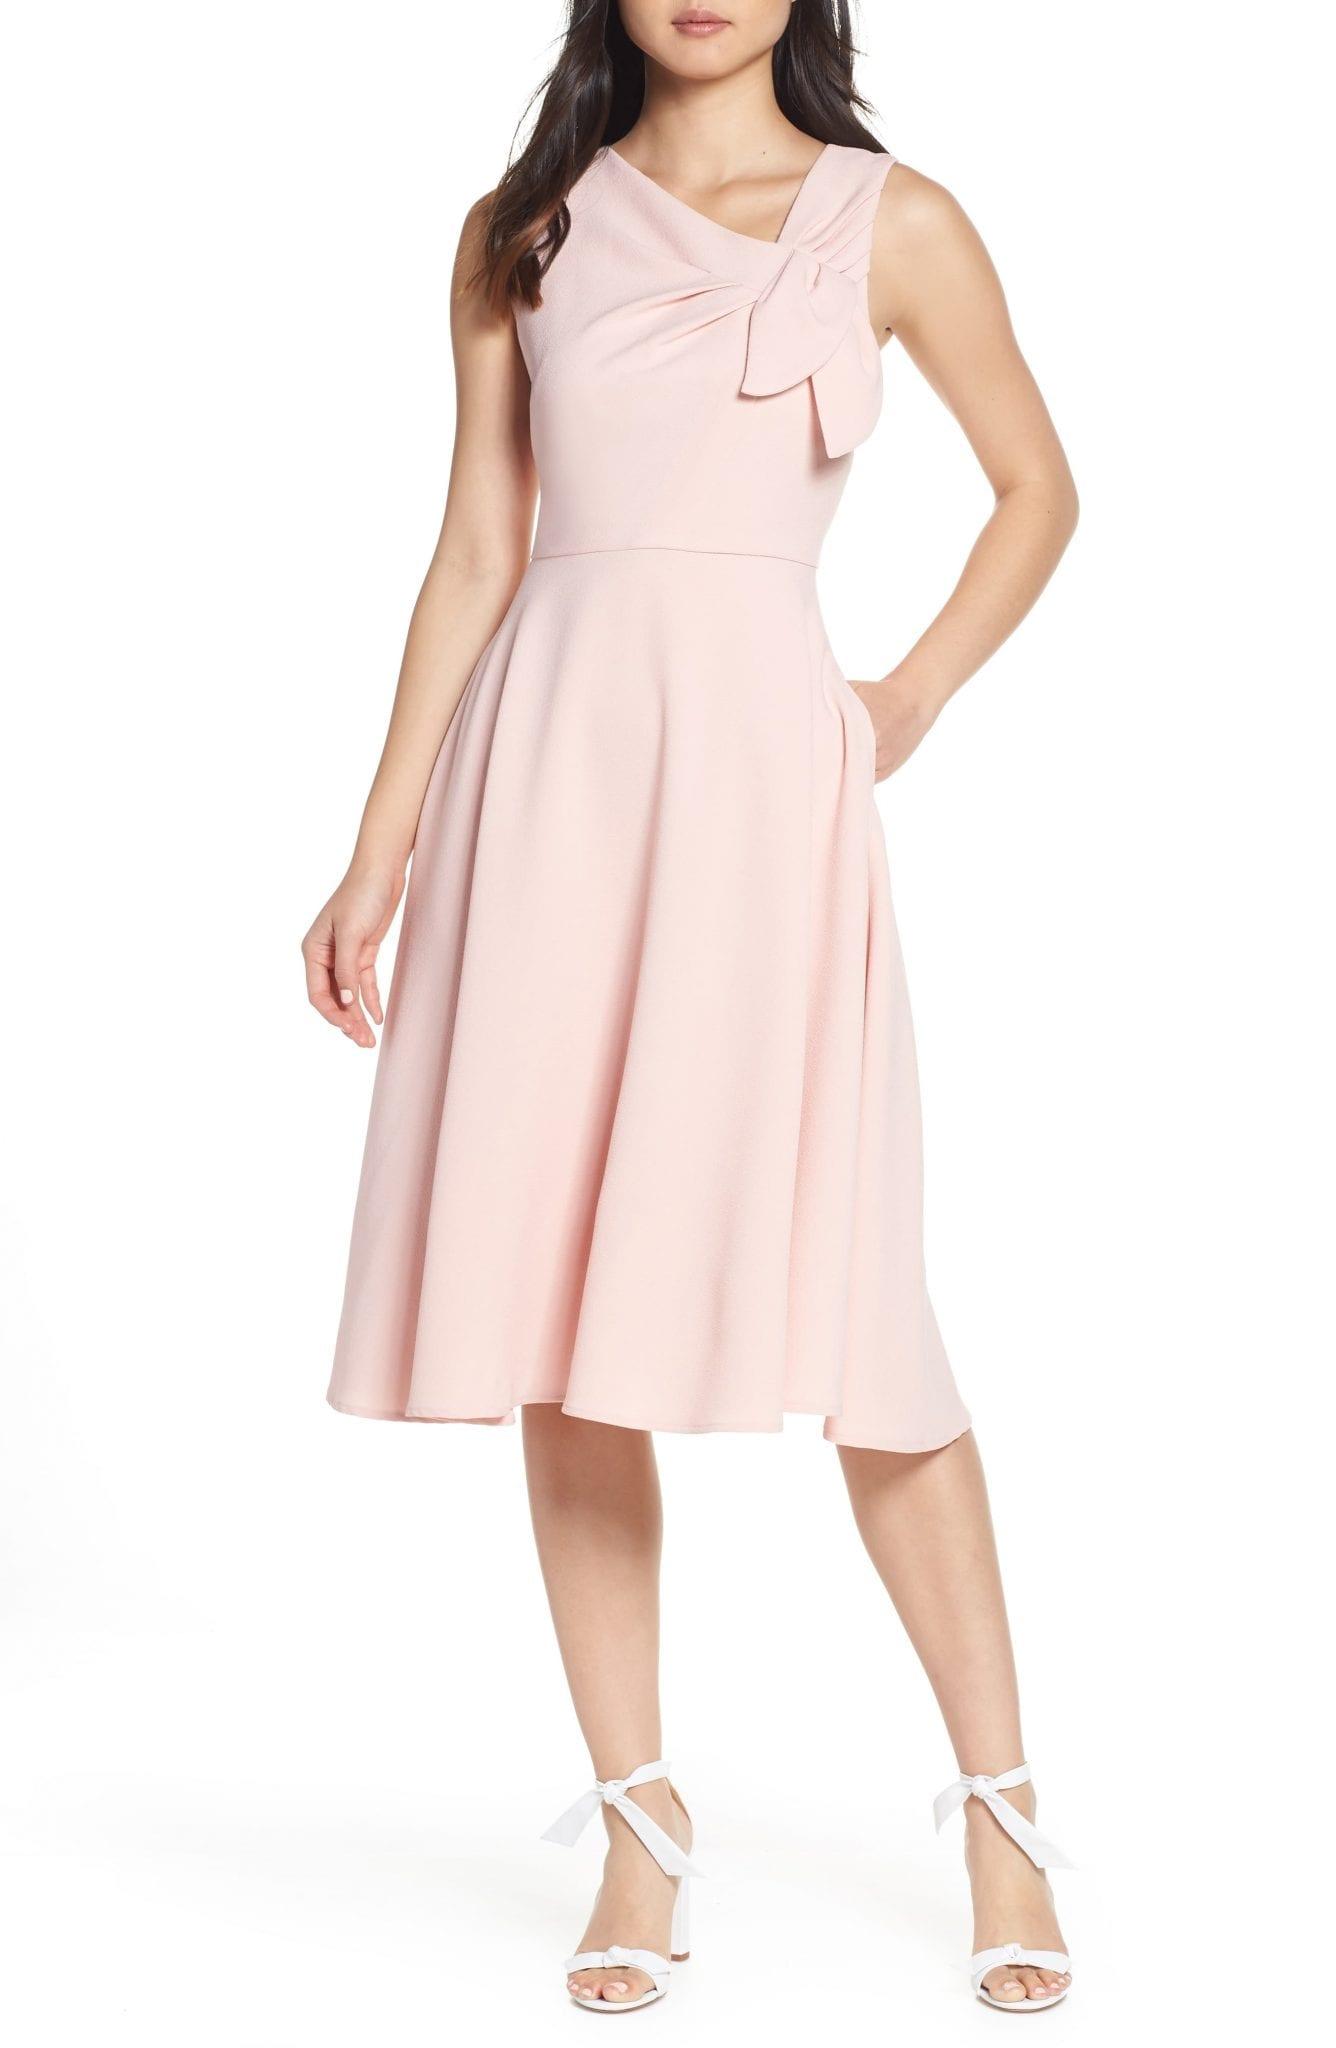 HARPER ROSE Sleeveless Fit & Flare Dress